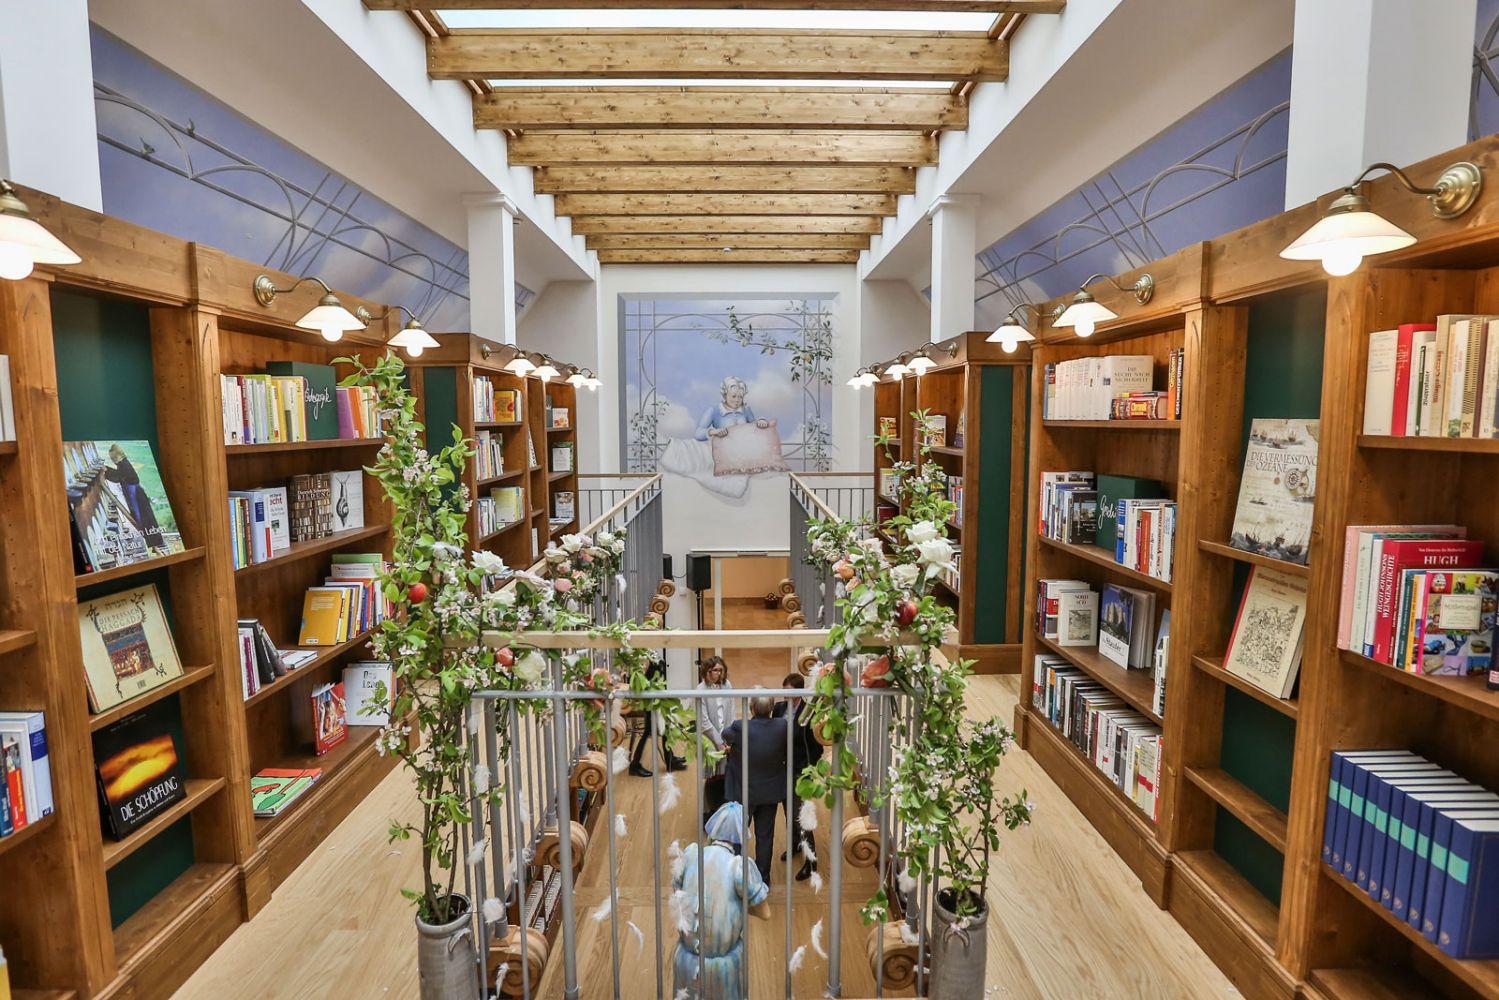 Die Bibliothek Frau Holle Ein Raum Für Kreativität Wissen Und